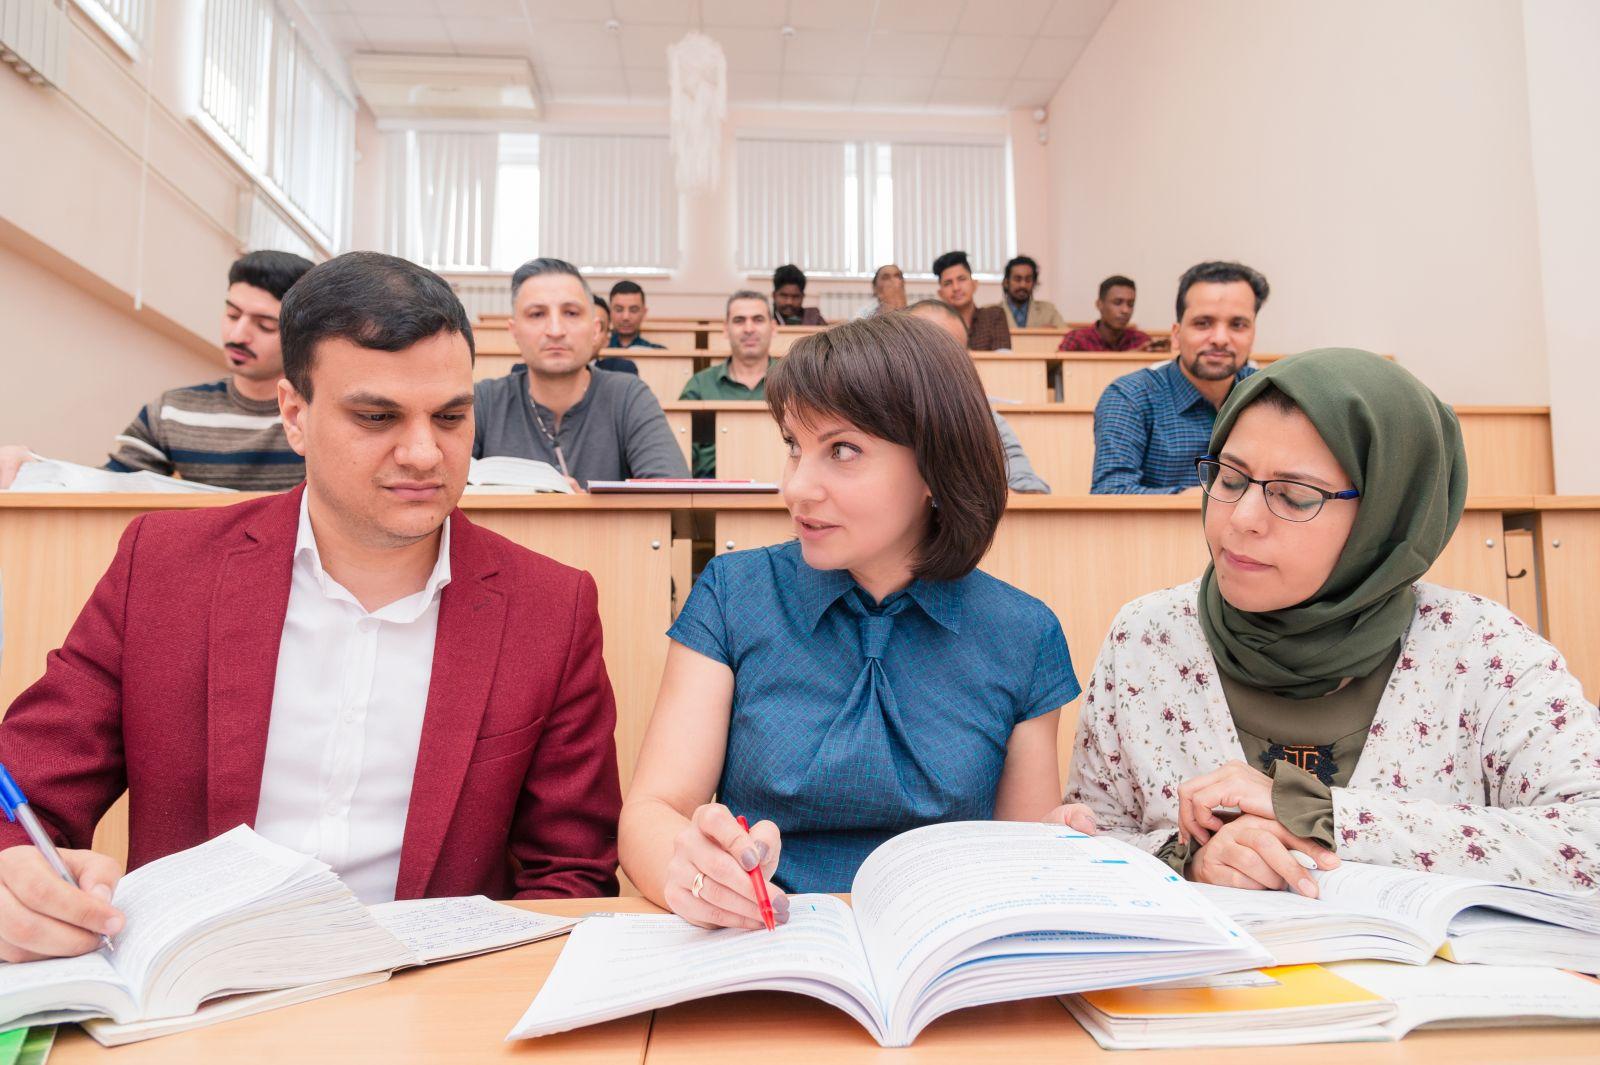 Студенты ЮУрГУ приглашаются к участию в конкурсе на стипендию Президента РФ для обучения за рубежом